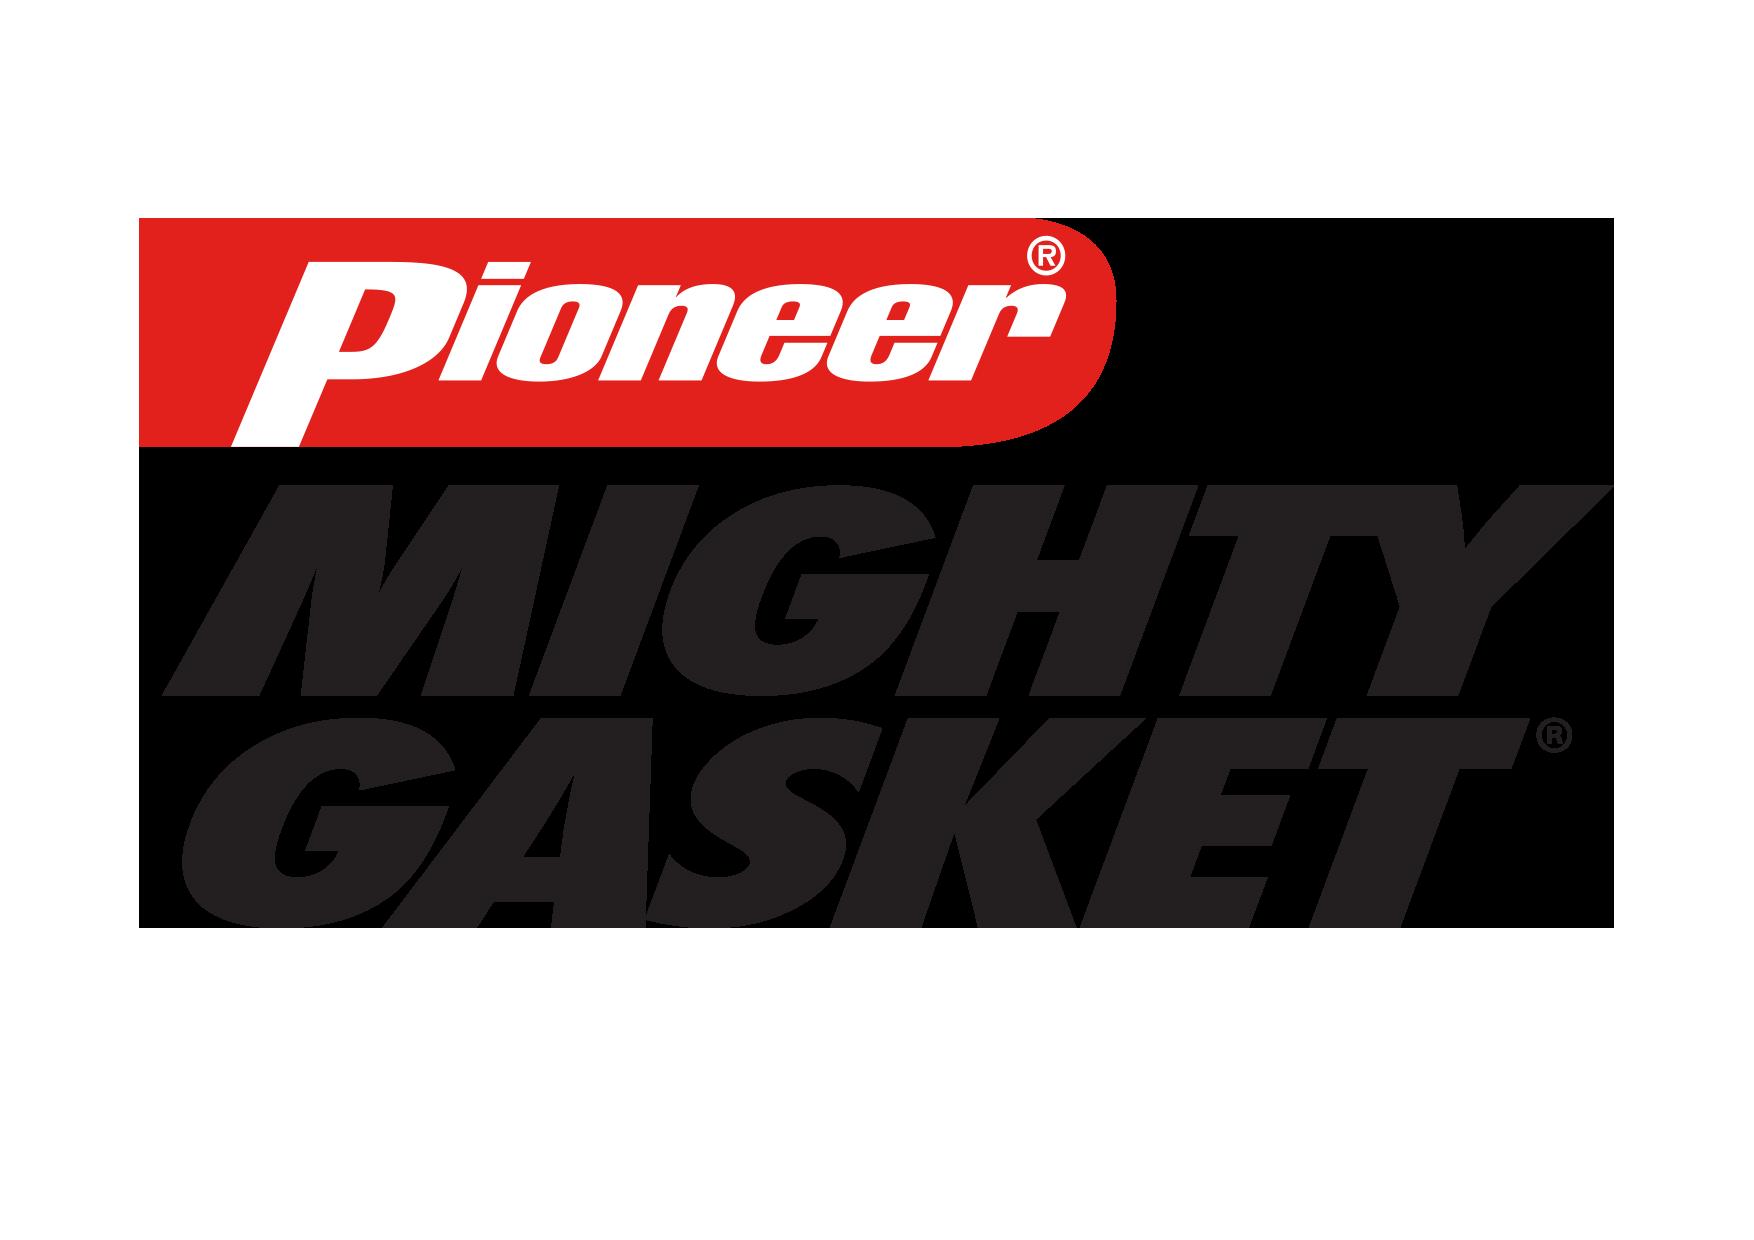 Pioneer Mighty Gasket Logo